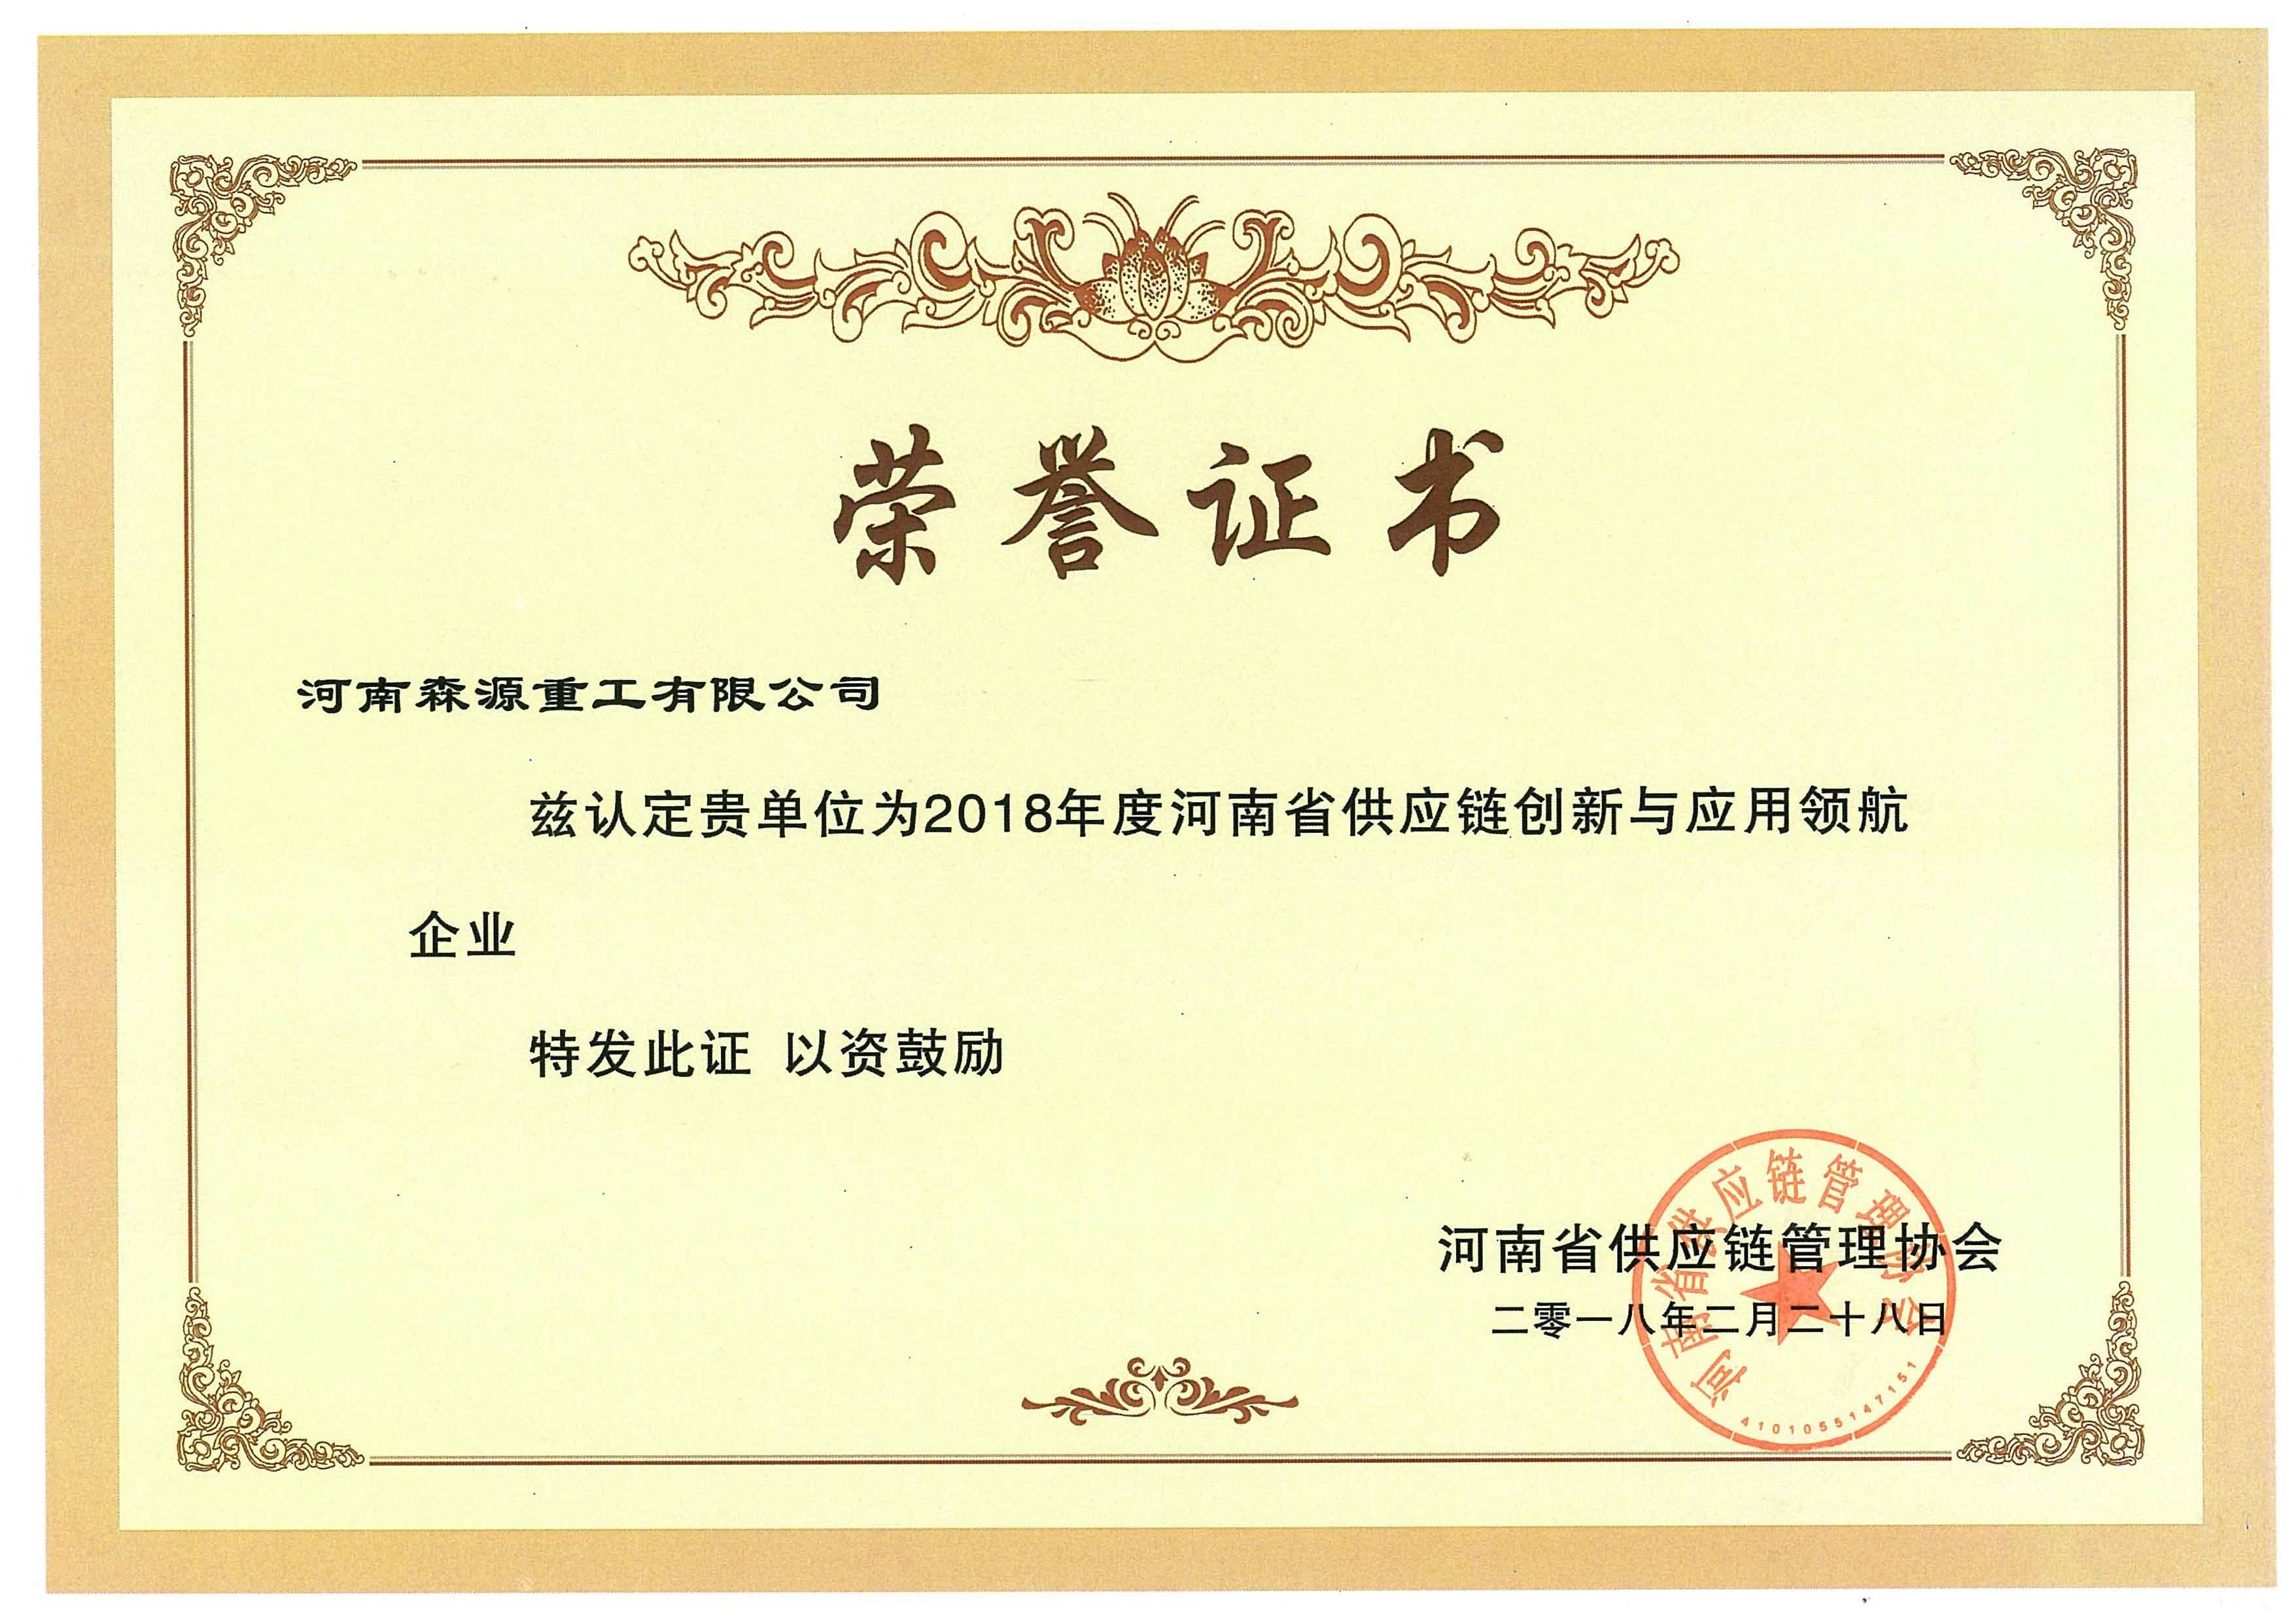 河南省供应链创新与应用领航企业